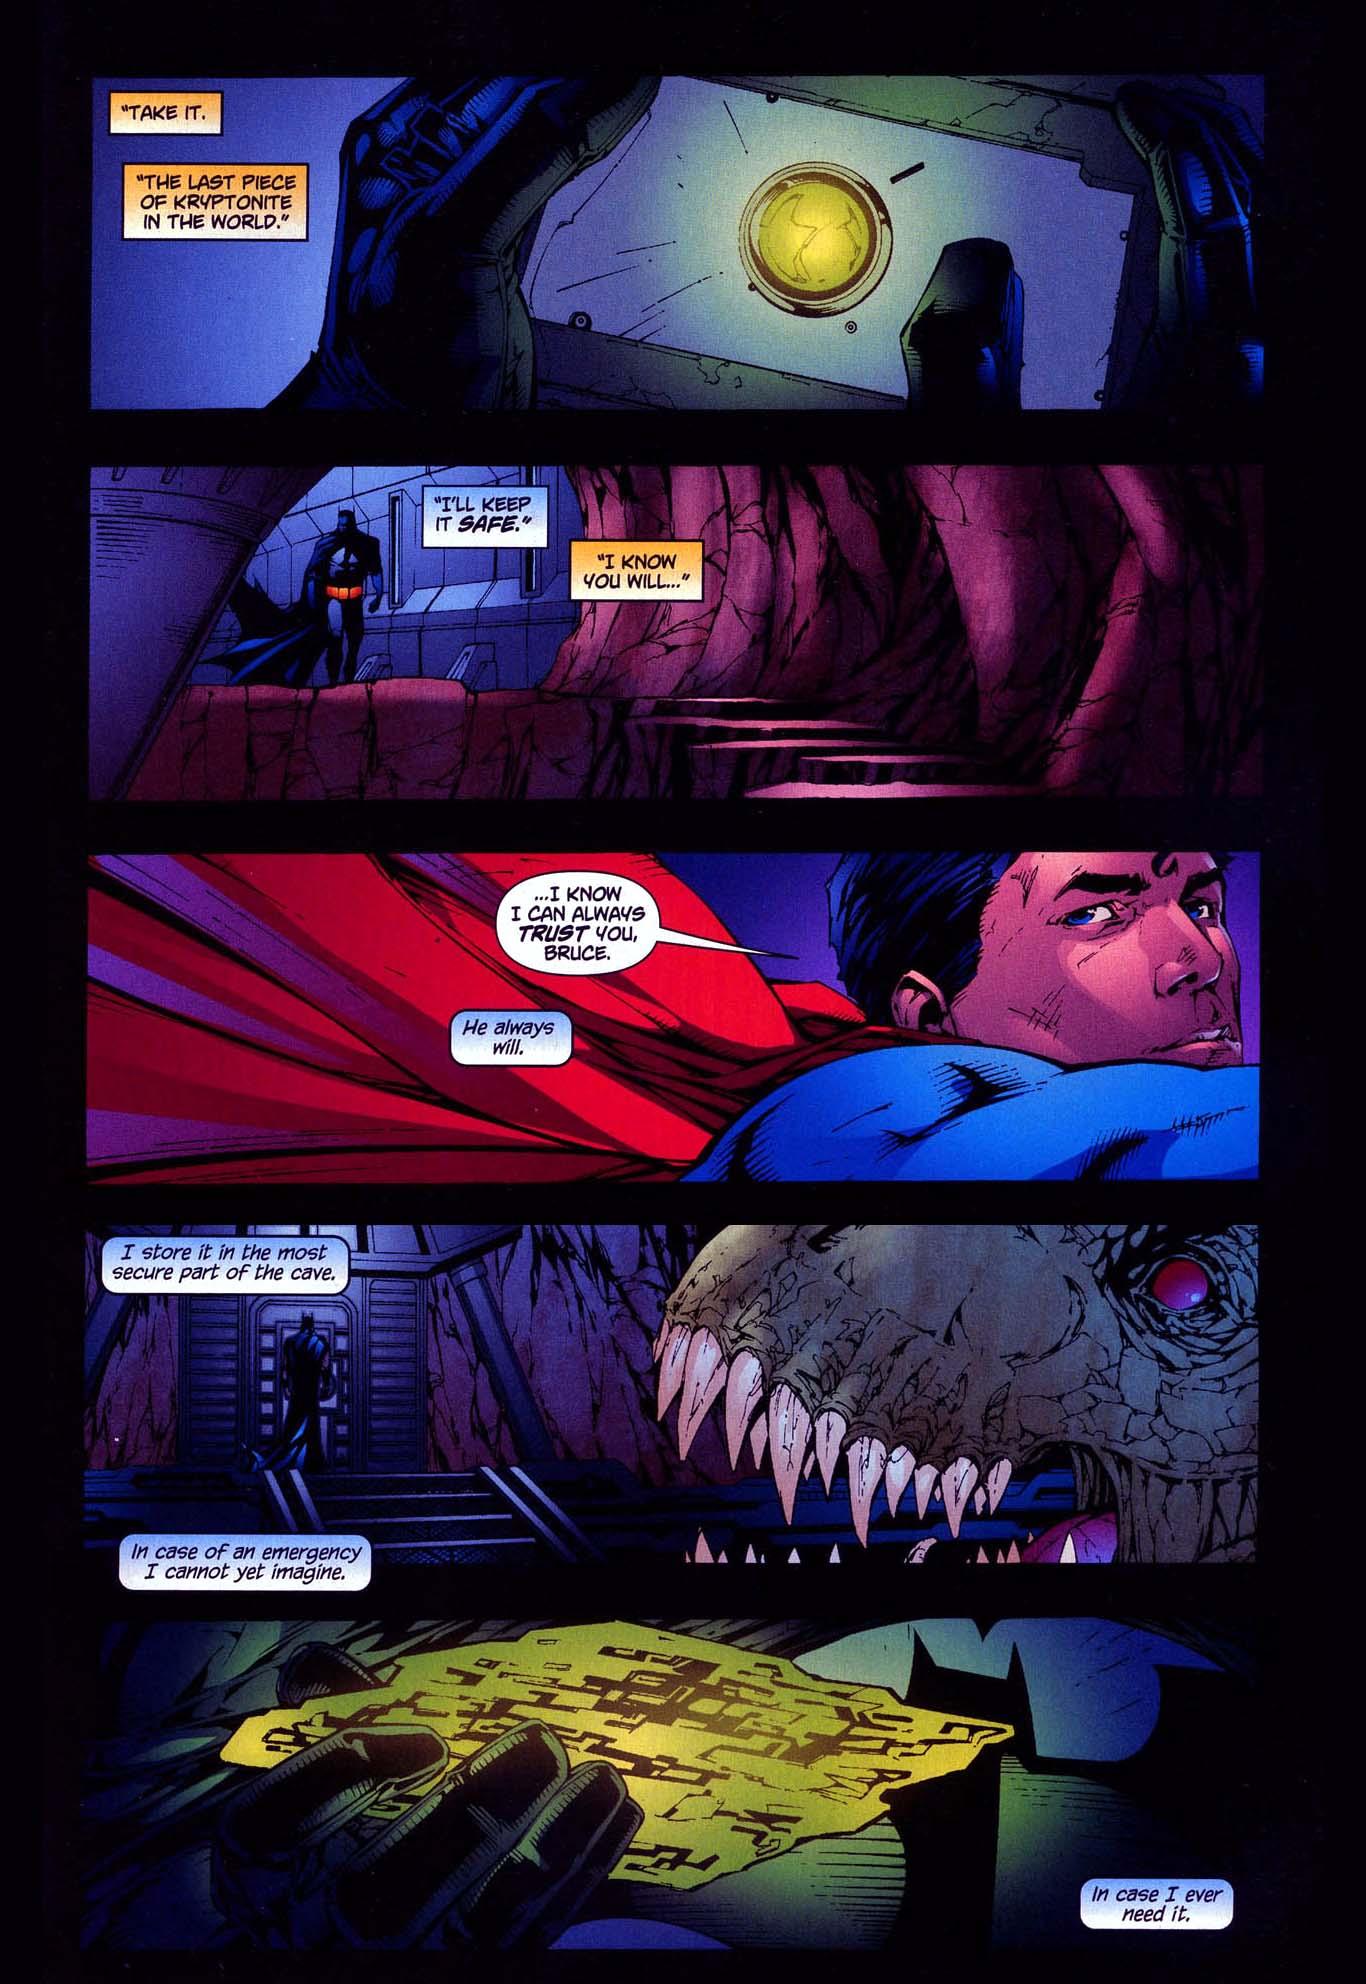 what is batman's secret collection